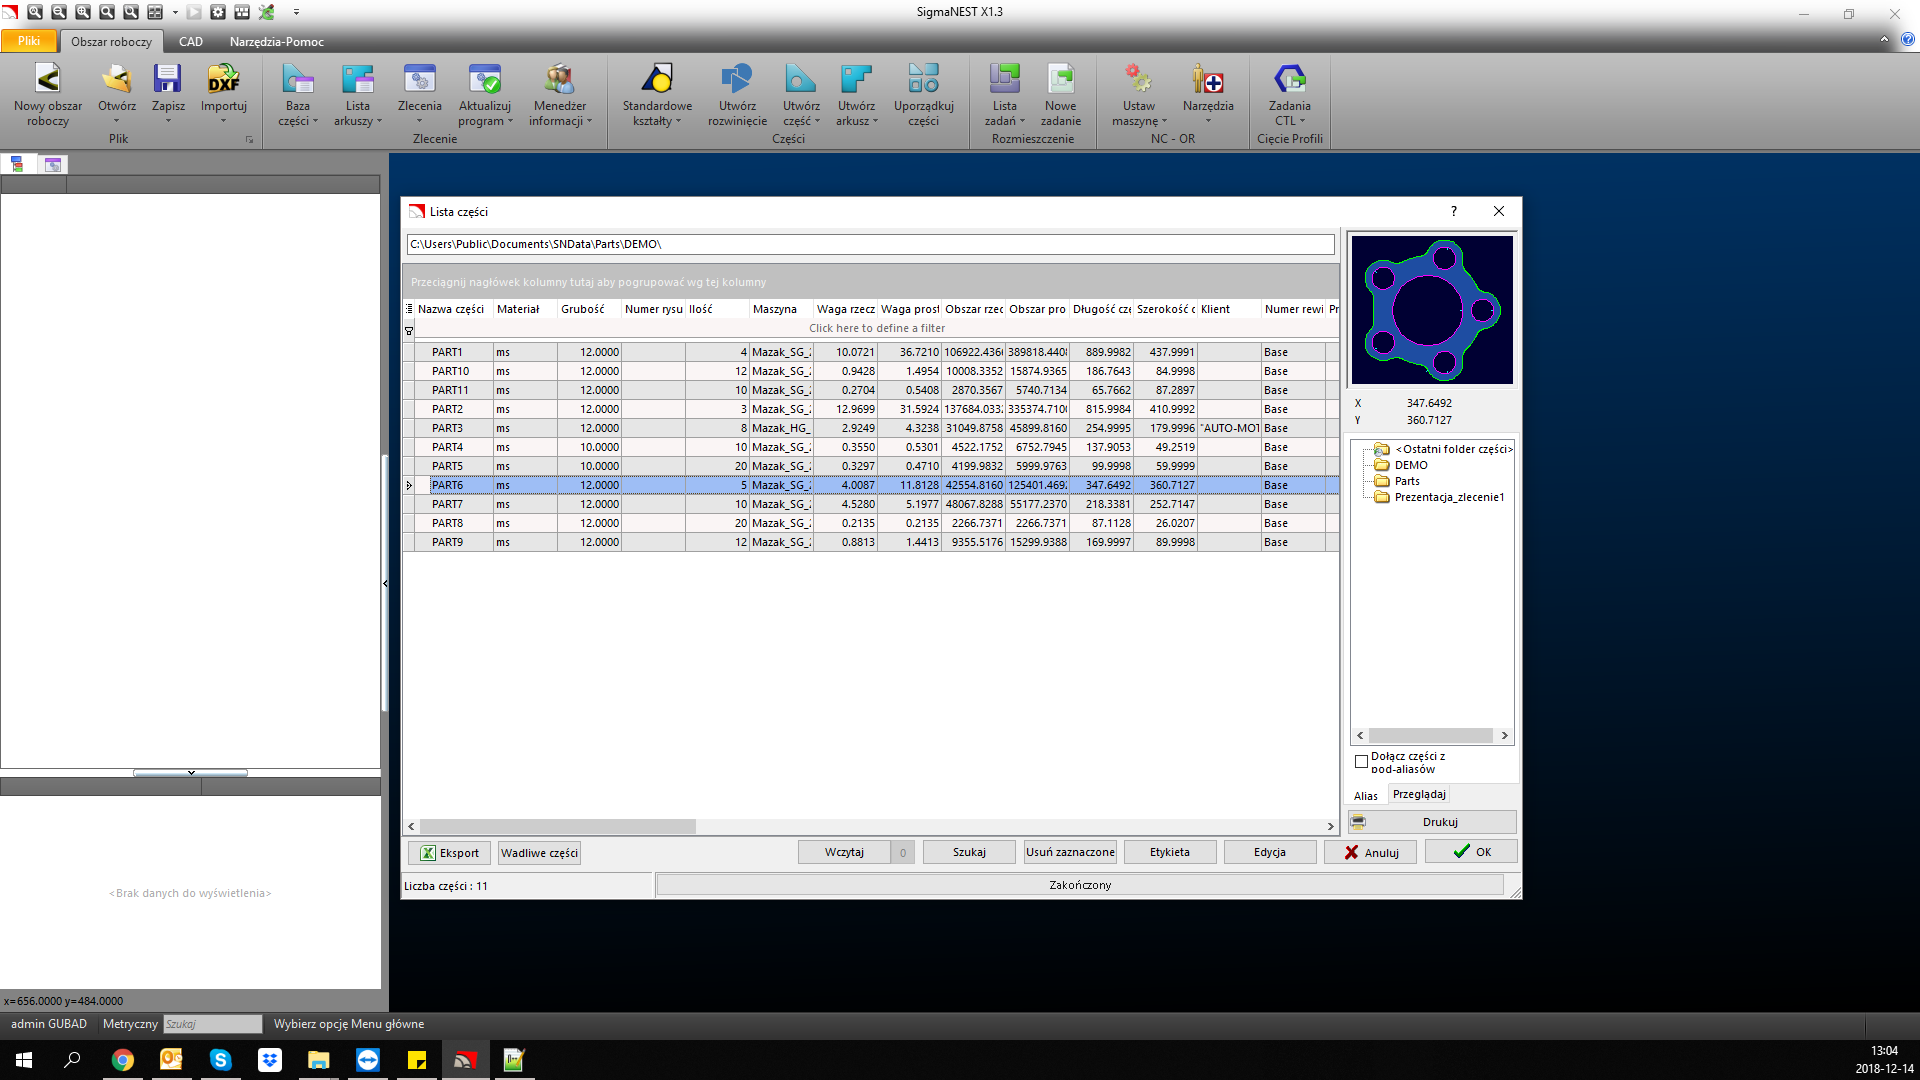 Funkcje SigmaNEST: Baza danych - wykaz detali wraz z ich całą historią i rewizjami